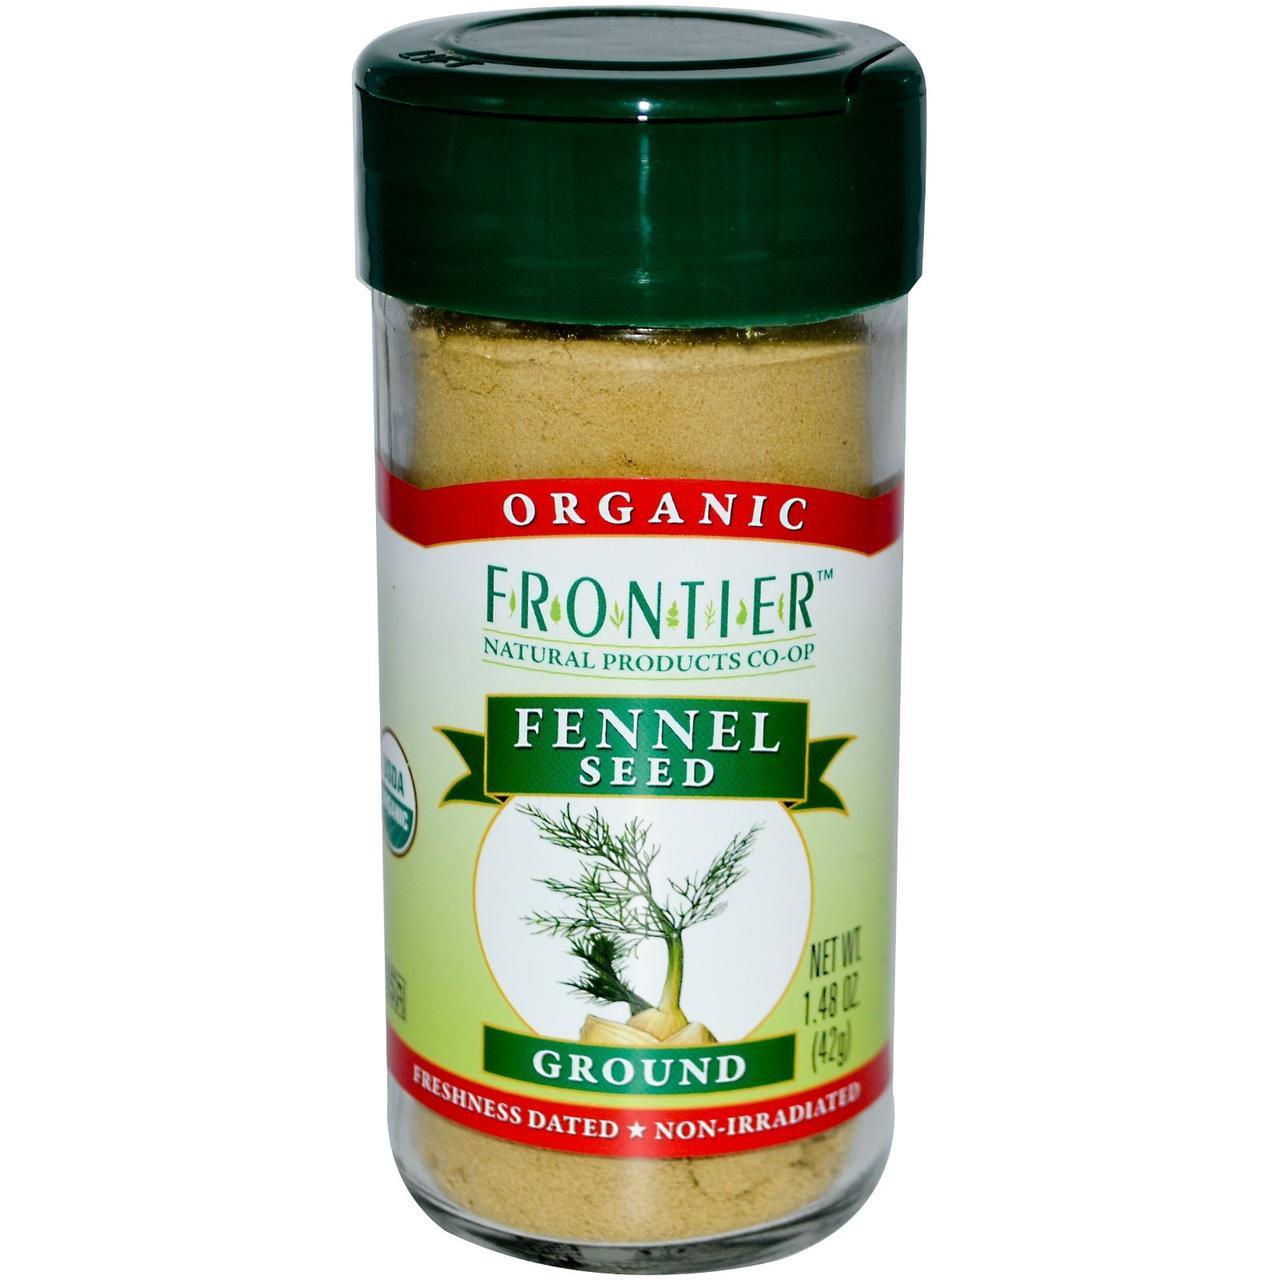 Frontier Natural Products, Органические молотые семена фенхеля, 1,48 унции (42 г) - Интернет-магазин для здоровой жизни в Киеве